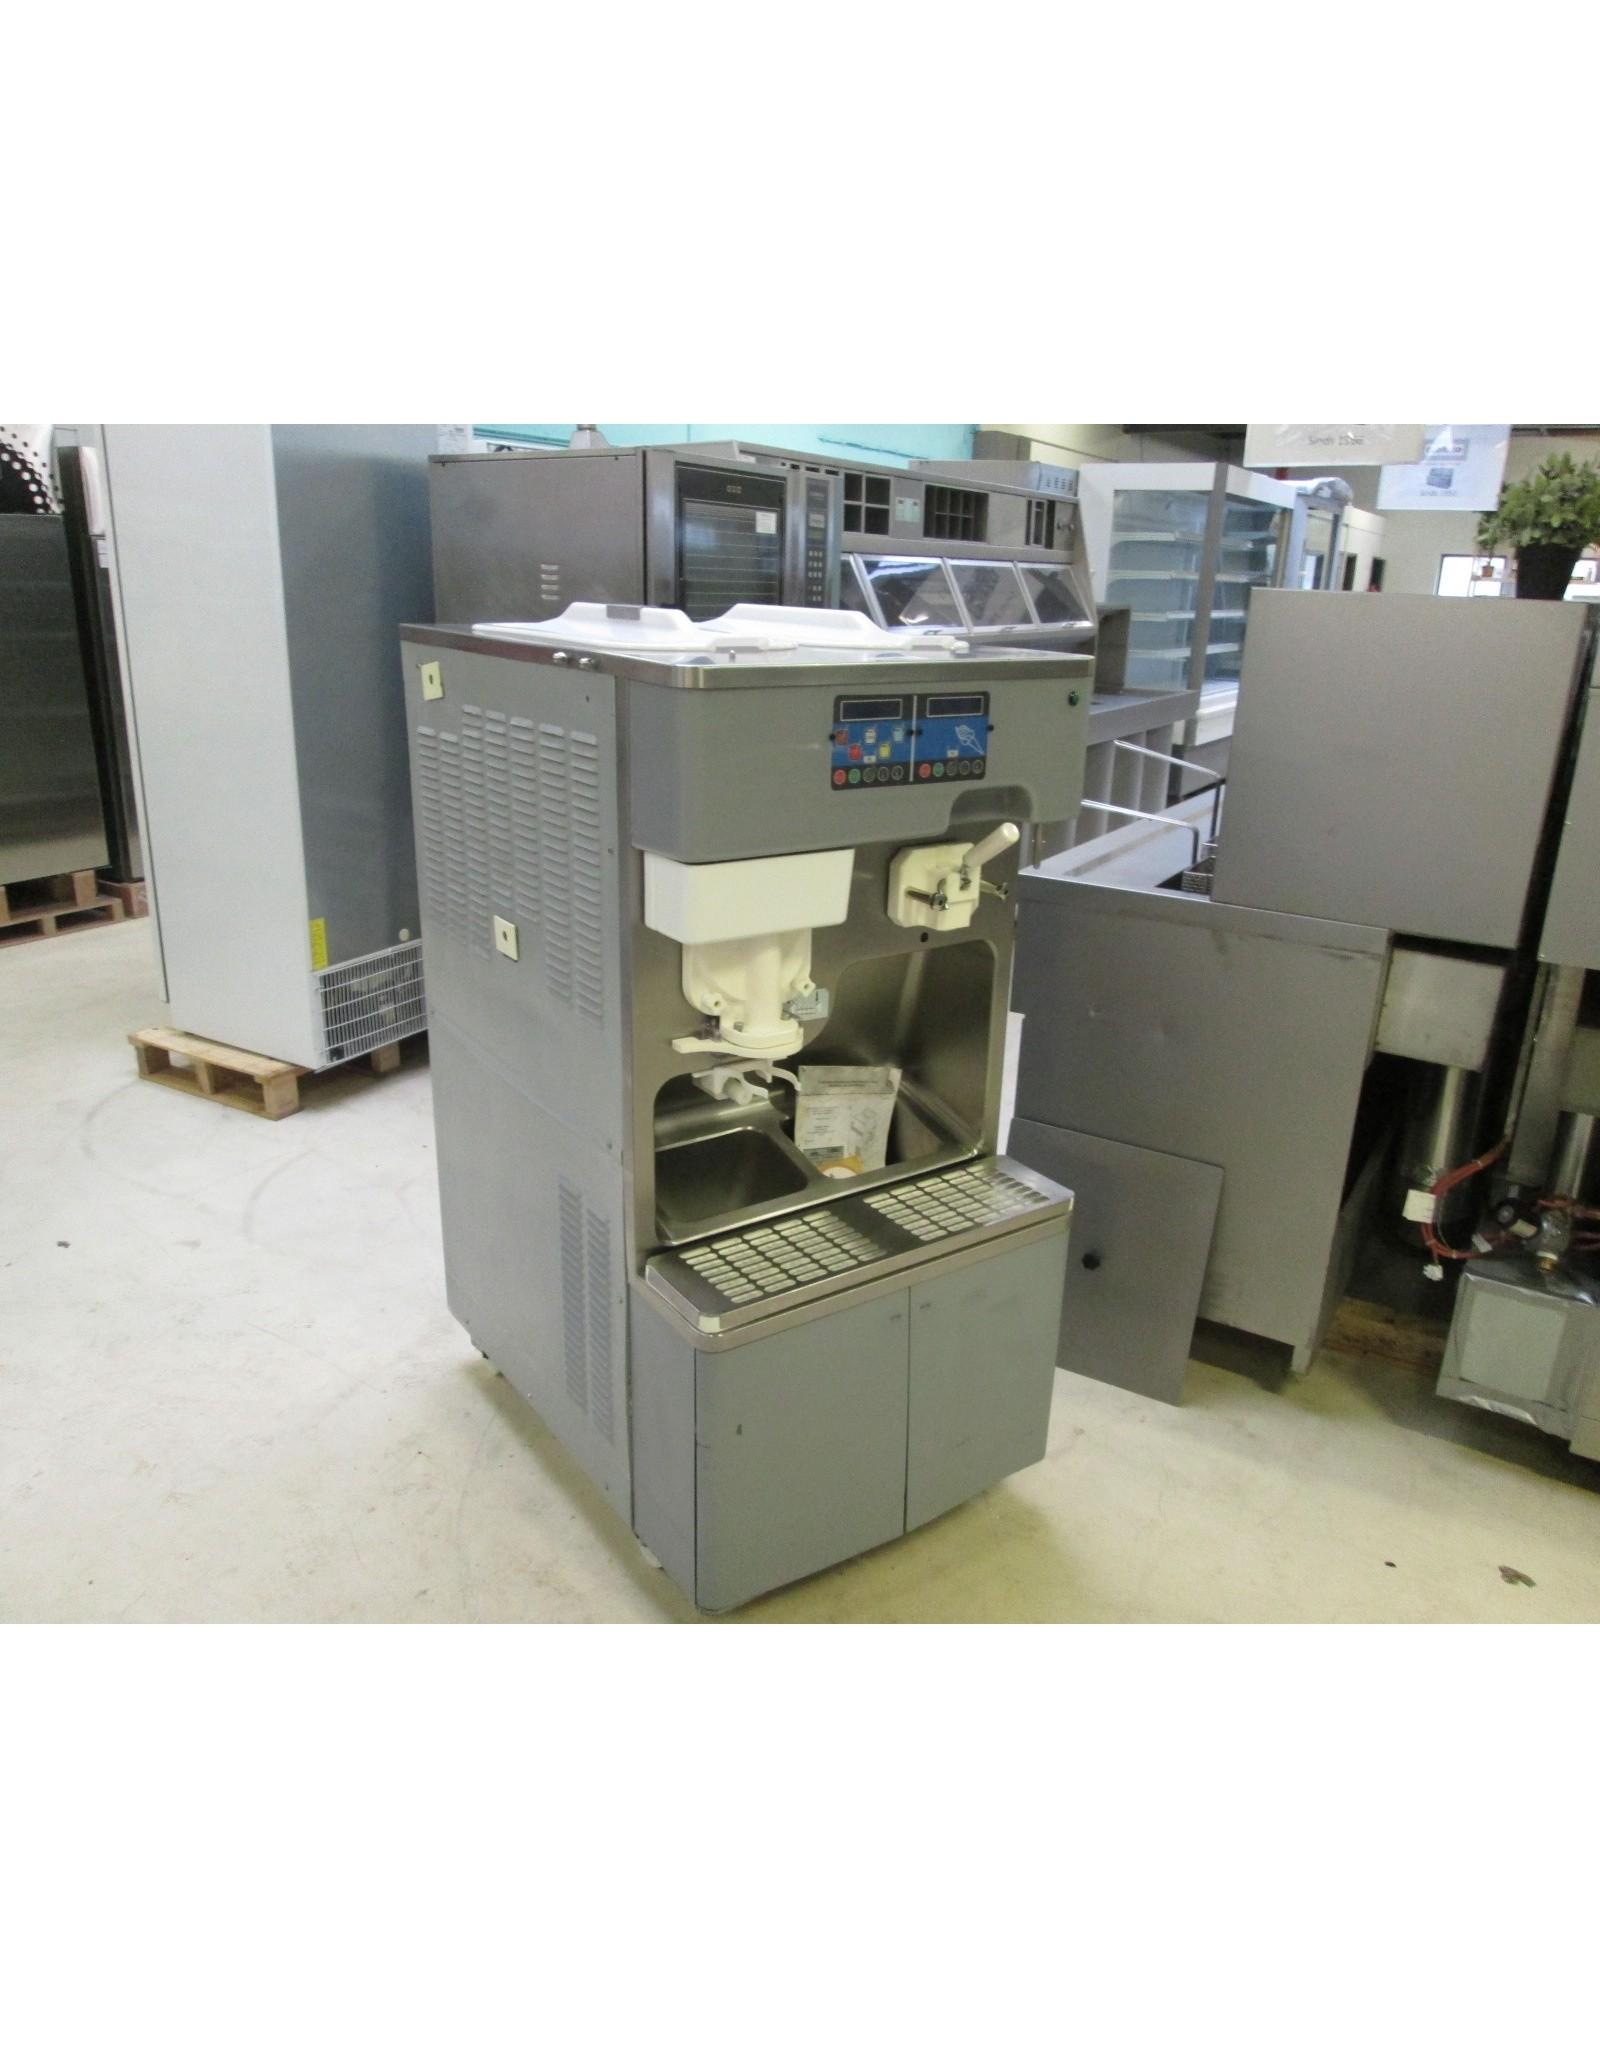 Carpigiani Carpigiani Softeis / Milchshake Maschine K3-K3 / E 2012 (!!)